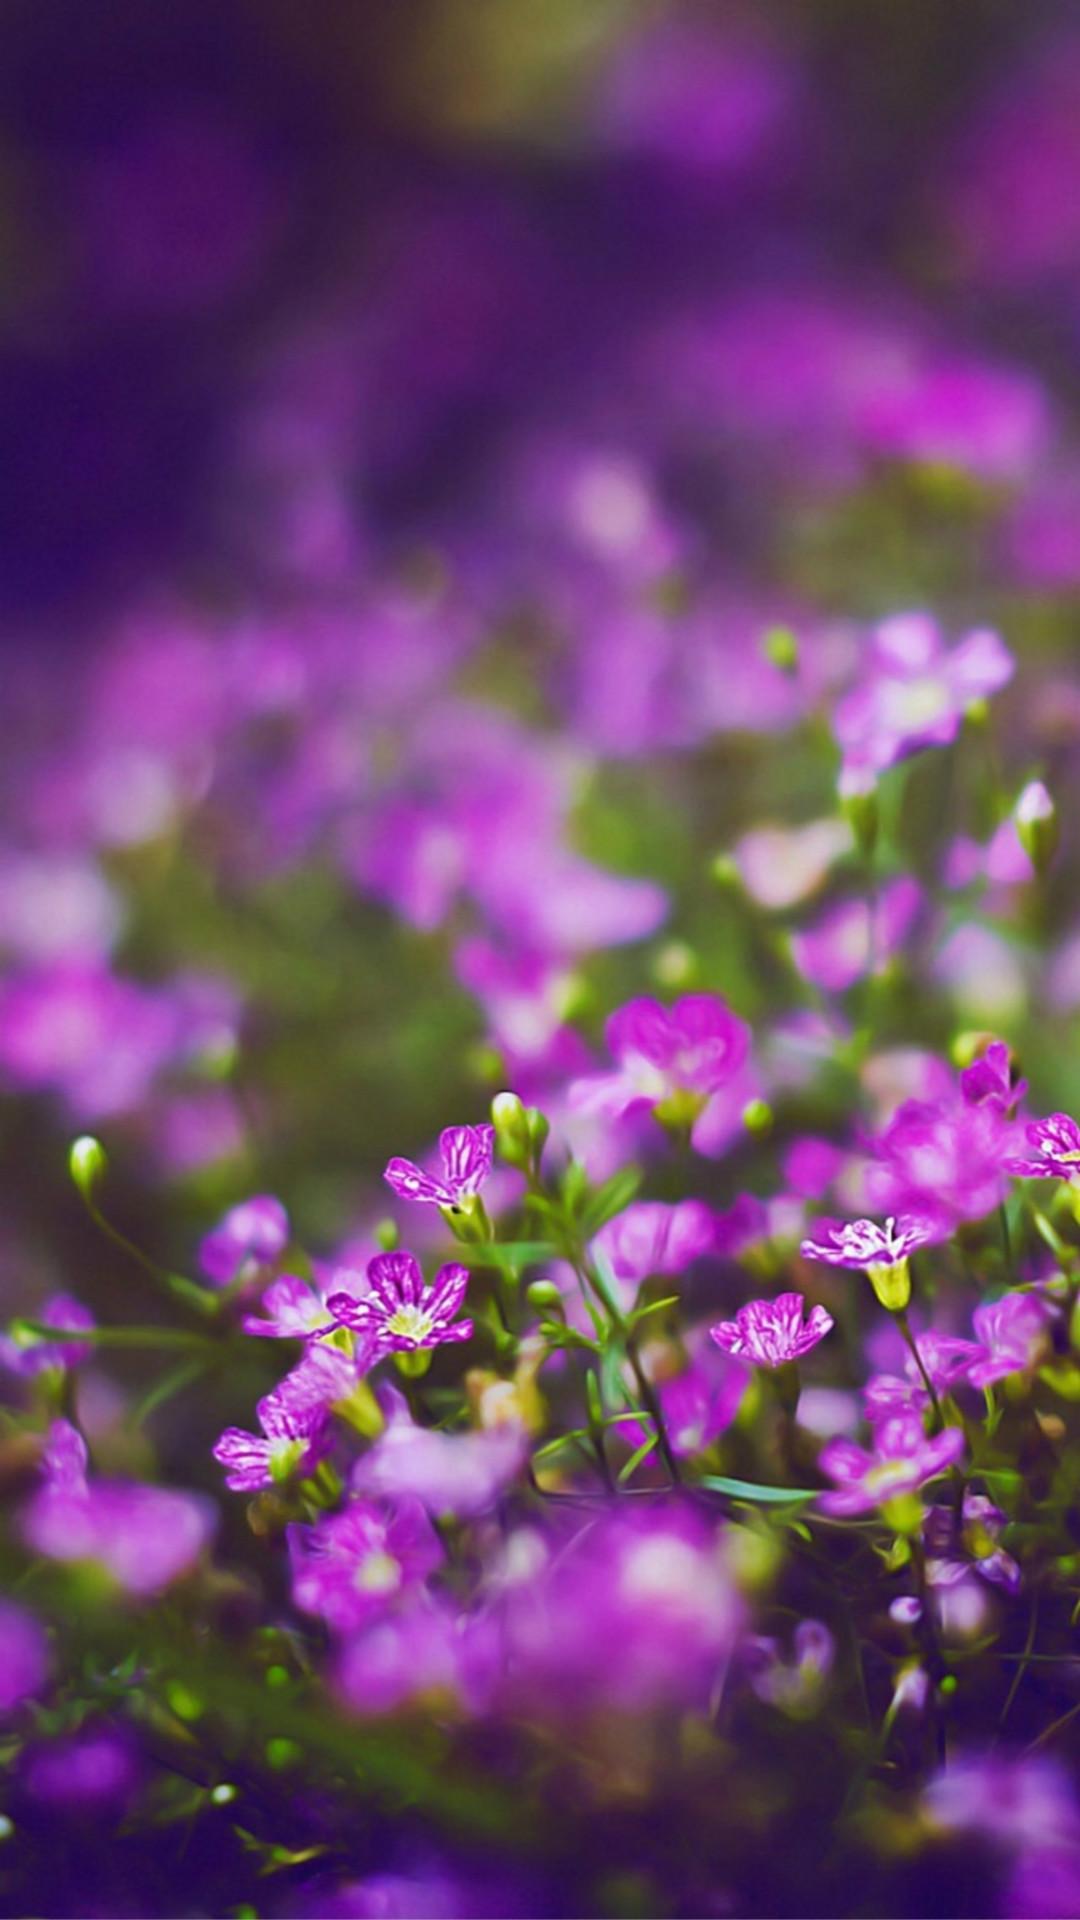 Beautiful Purple Flower Field Blur Bokeh #iPhone #6 #wallpaper